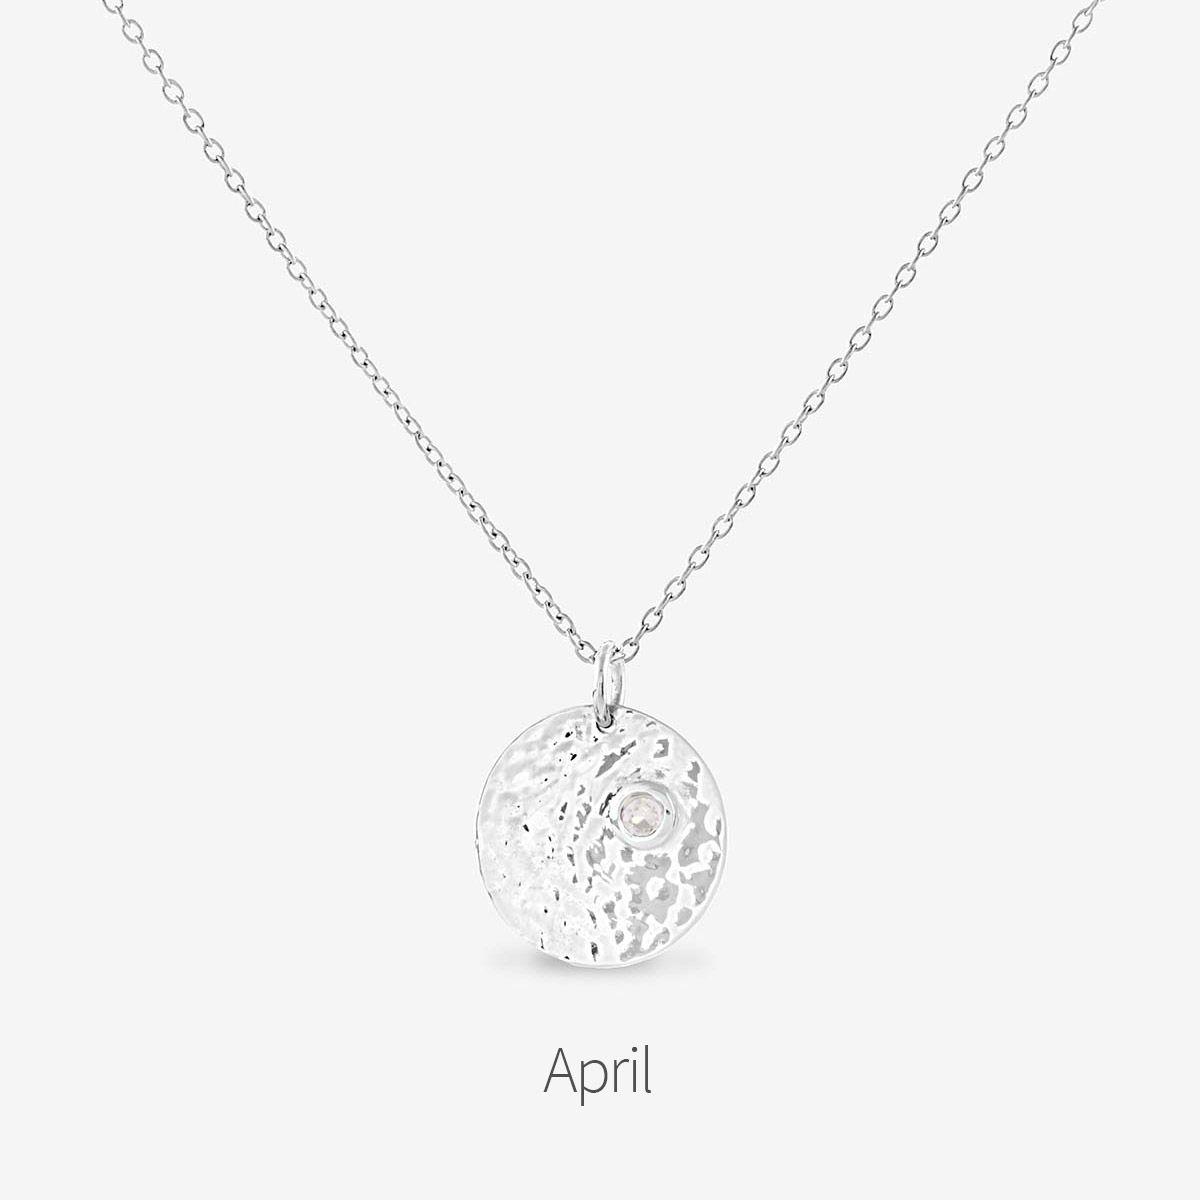 Birthstone April - Halsketten - Silber